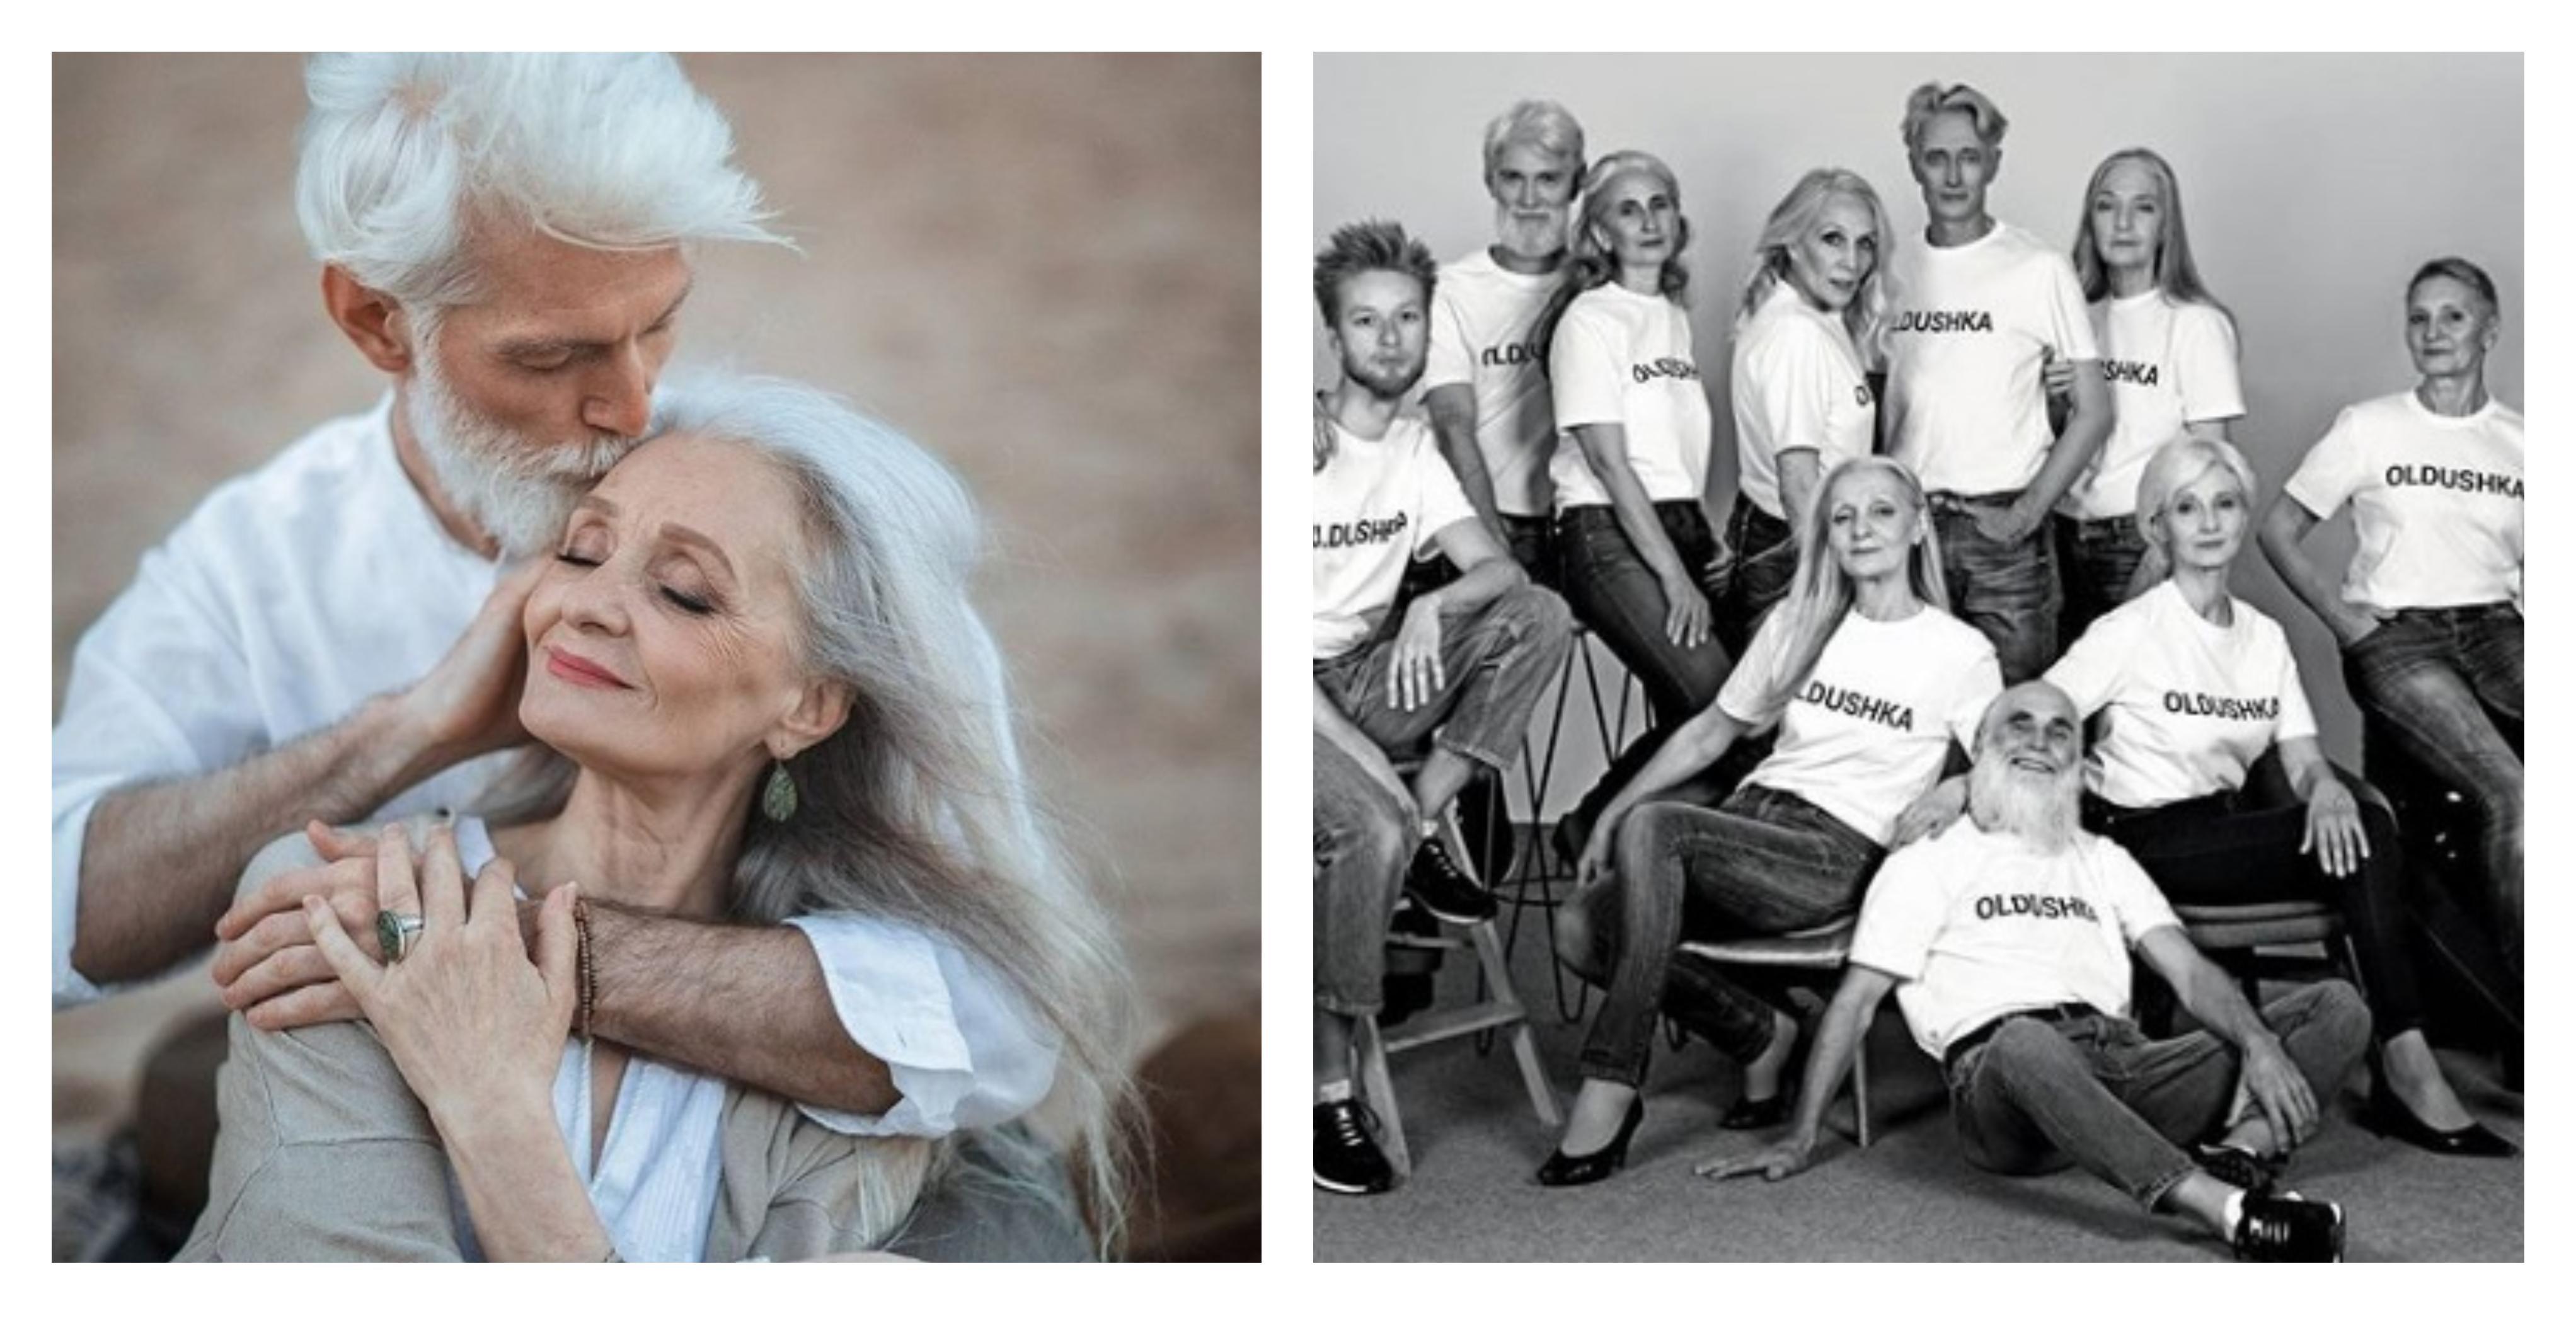 Ova modna agencija zapošljava isključivo modele iznad 45 godina - oni izgledaju nevjerojatno dobro!